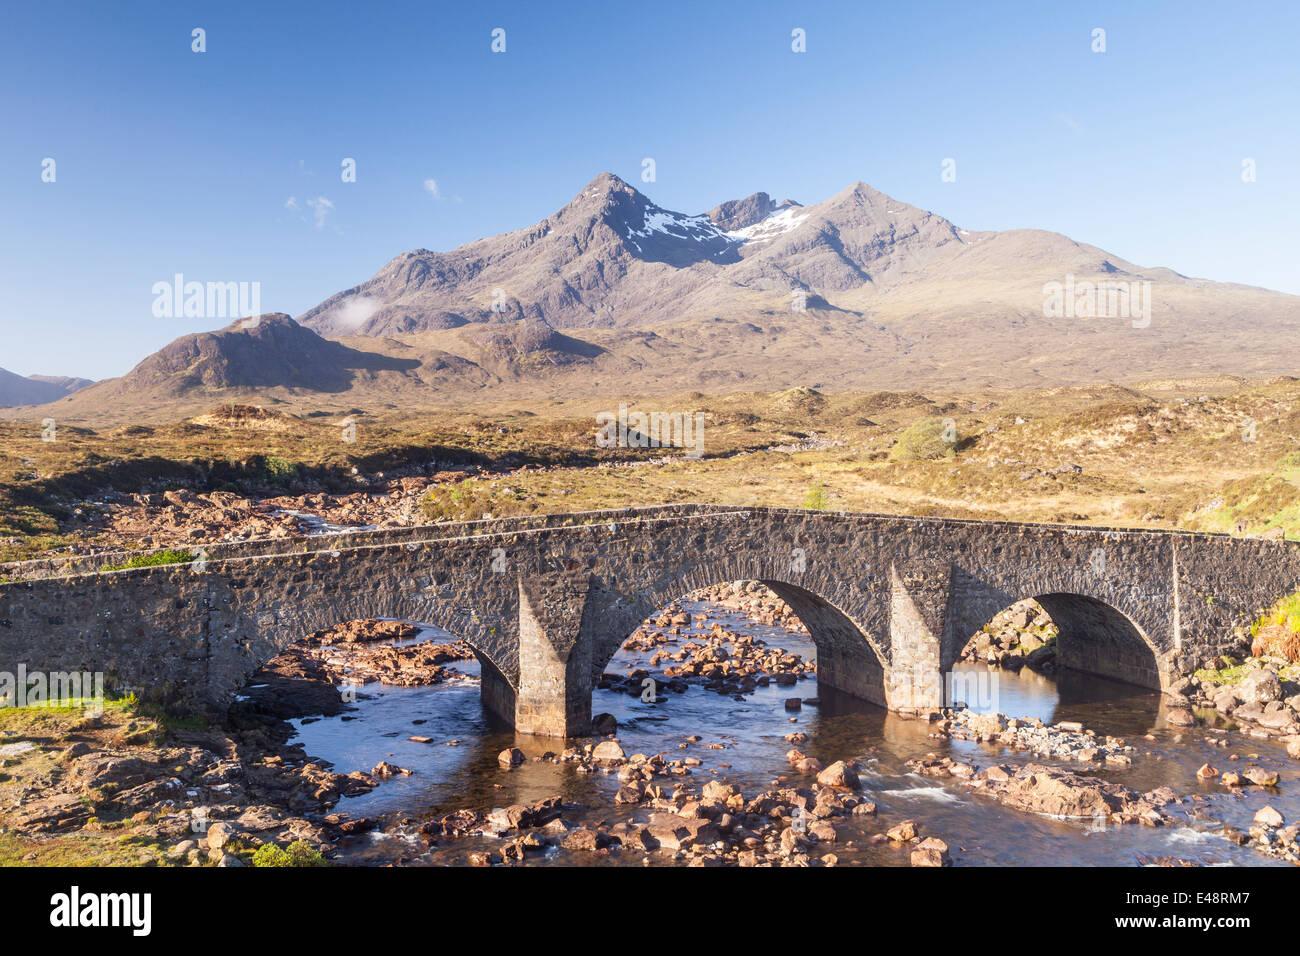 Sgurr nan Gillean from Sligachan on the Isle of Skye, Inner Hebrides, Scotland. Stock Photo